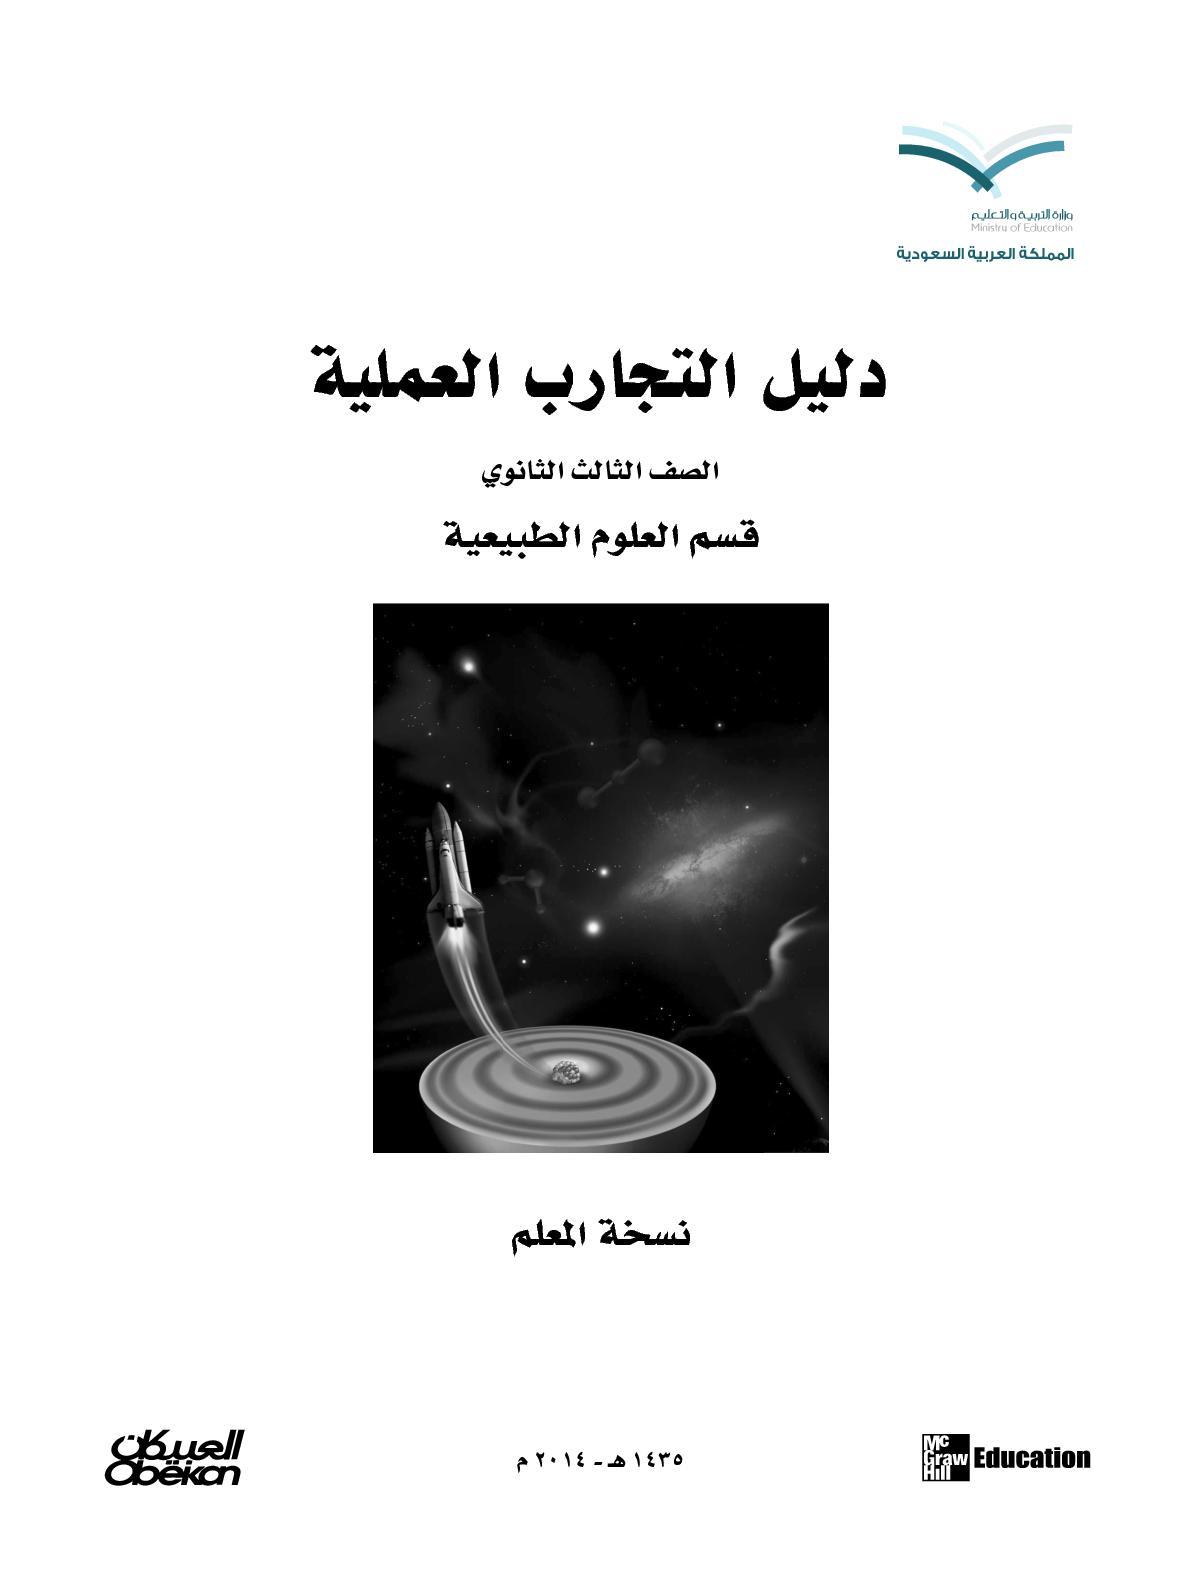 دليل التجارب العملية نسخة المعلم 4 4 (1)